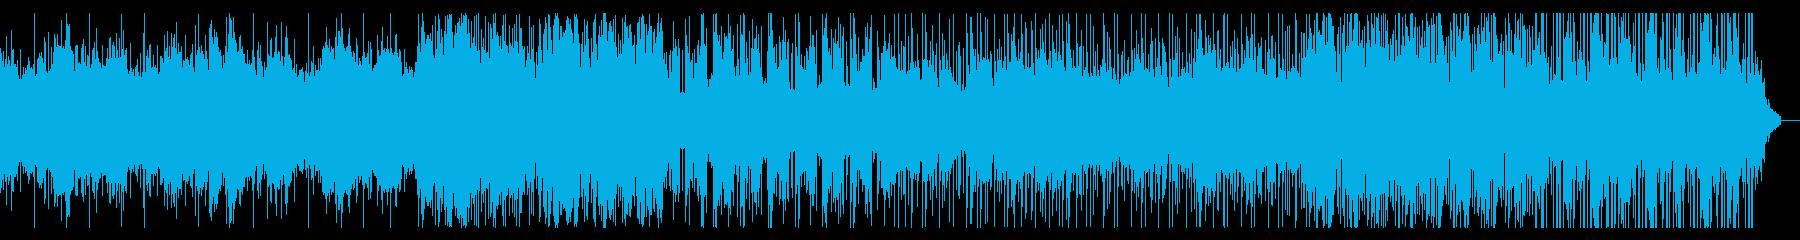 ダークながらチルっぽいフューチャービートの再生済みの波形